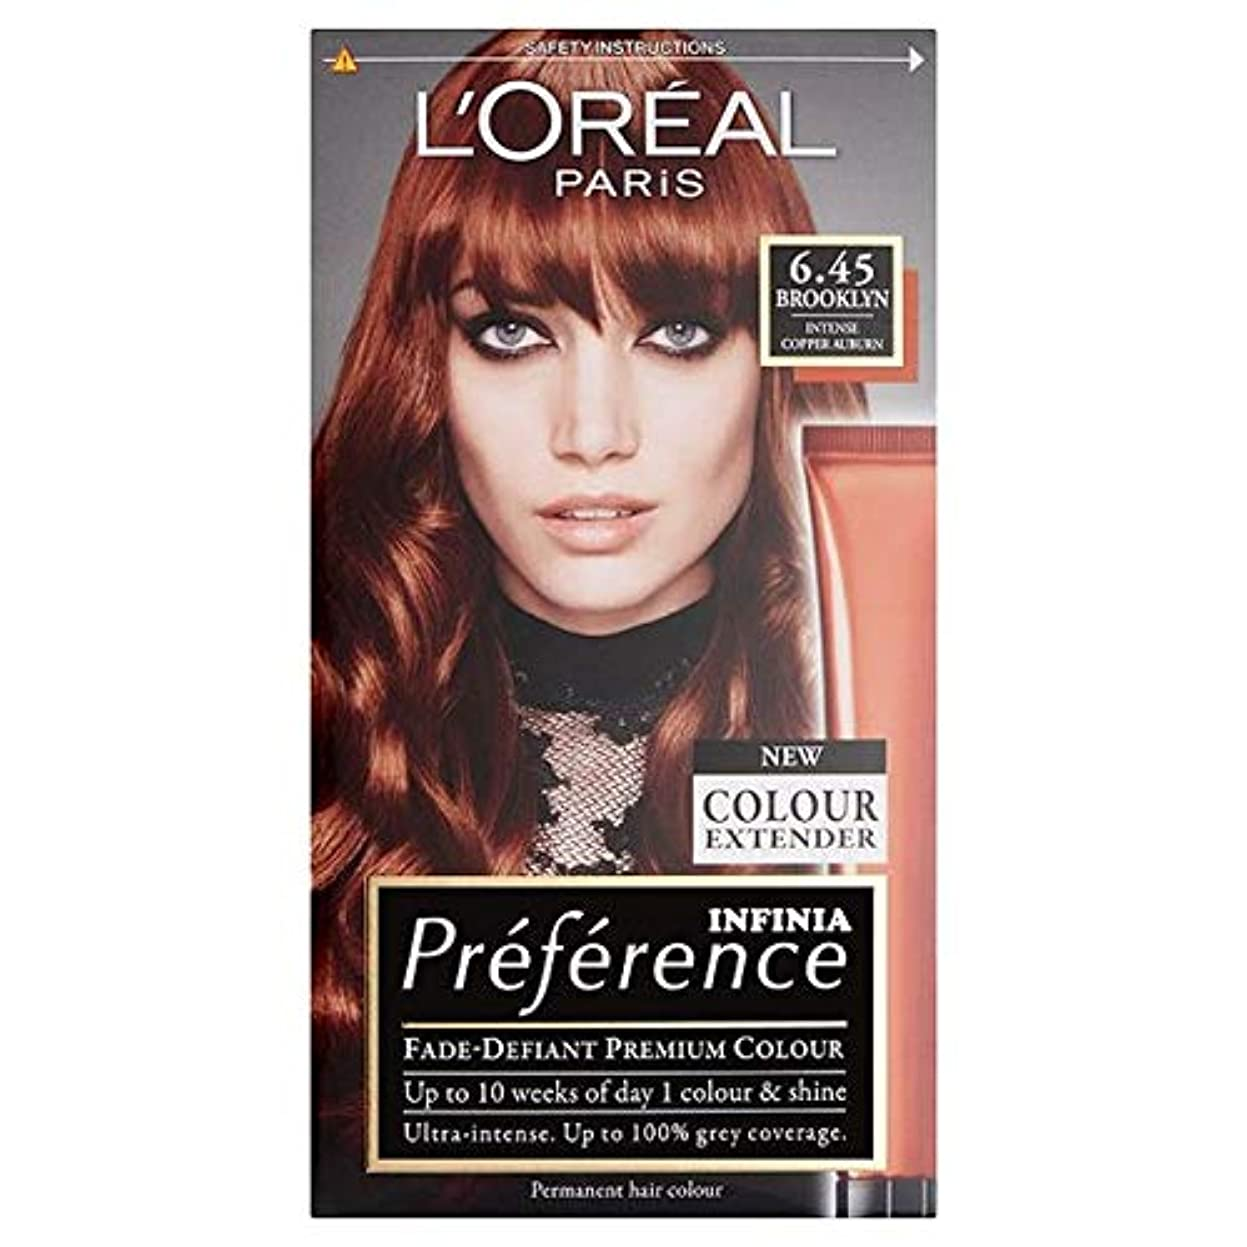 堂々たる置換不規則性[Preference] ロレアルパリ優先6.45銅赤褐色 - L'oreal Paris Preference 6.45 Copper Auburn [並行輸入品]